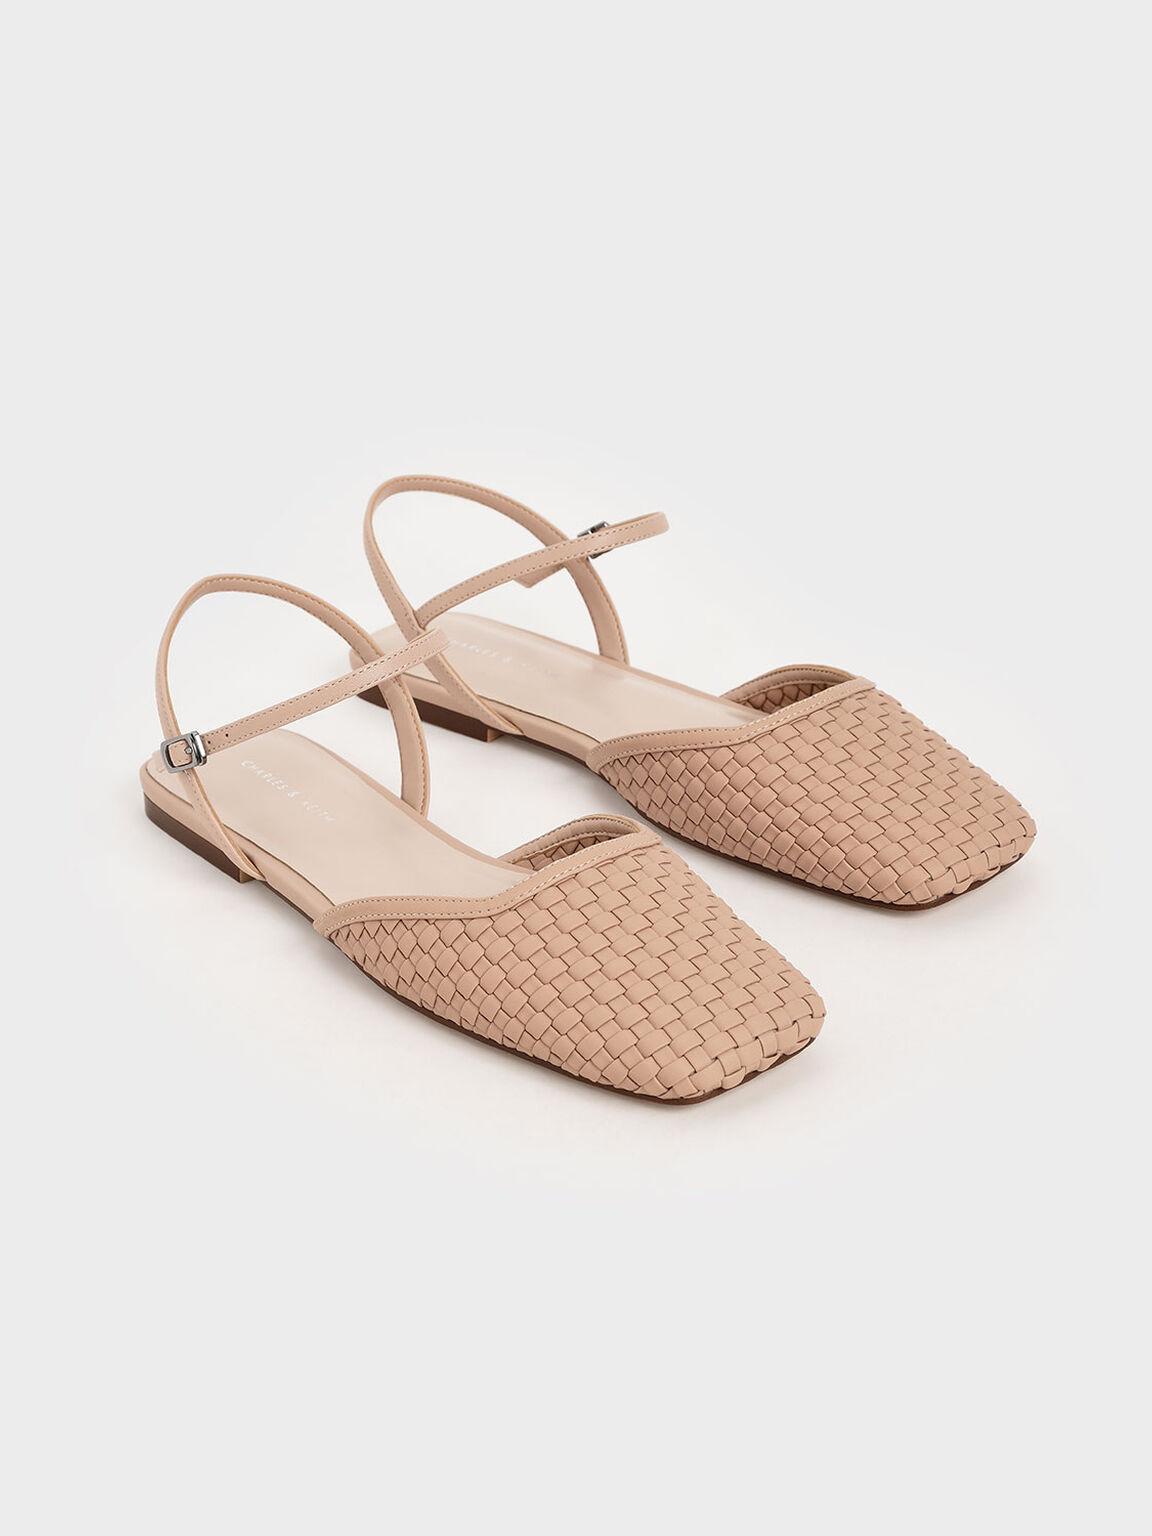 Woven Square Toe Flats, Nude, hi-res